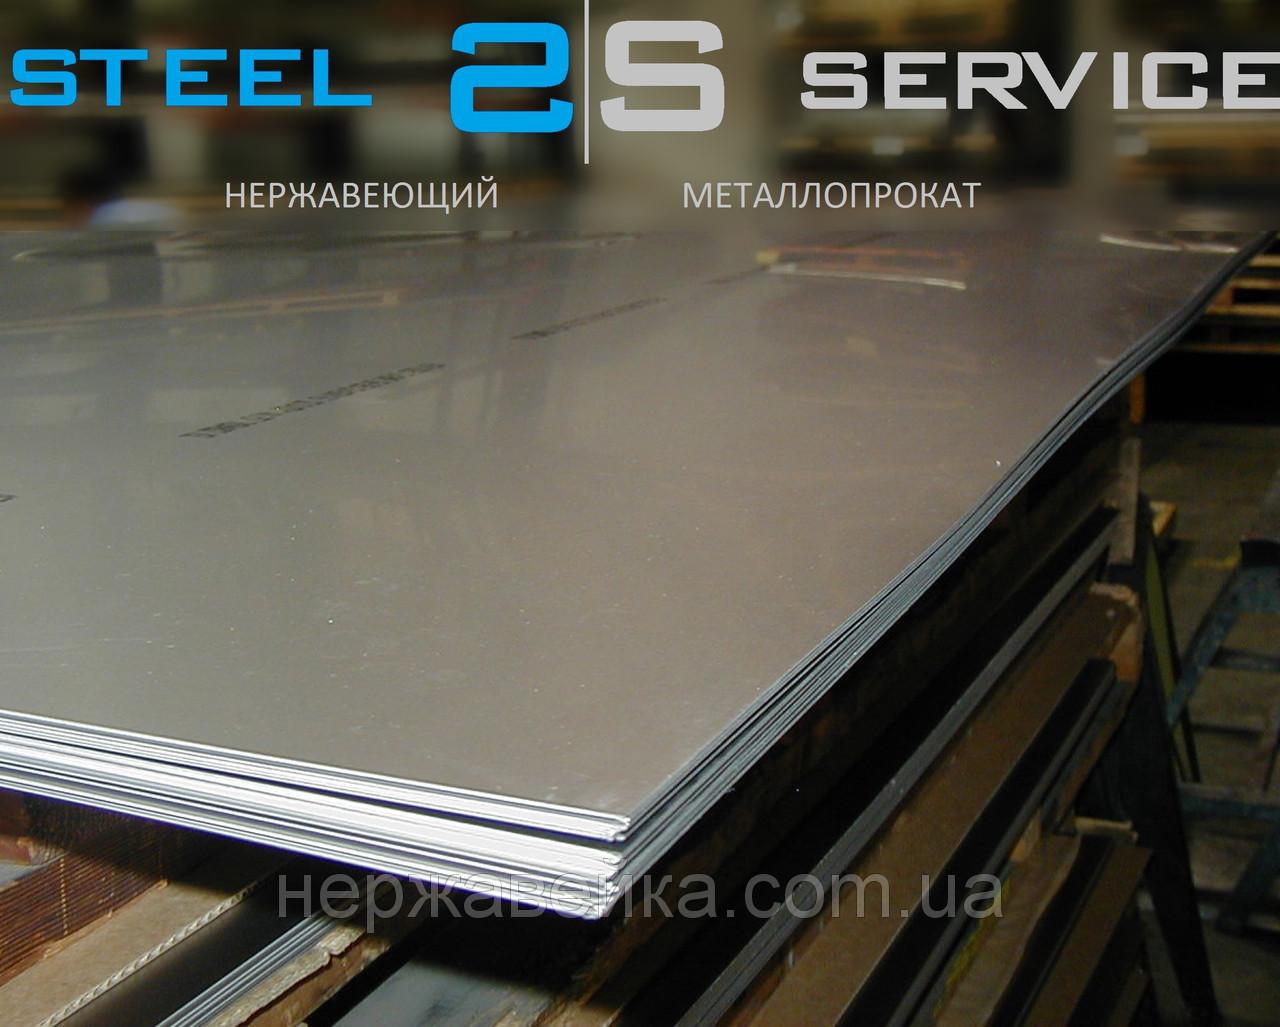 Нержавеющий лист 3х1000х2000мм AISI 430(12Х17) BA - зеркало, технический